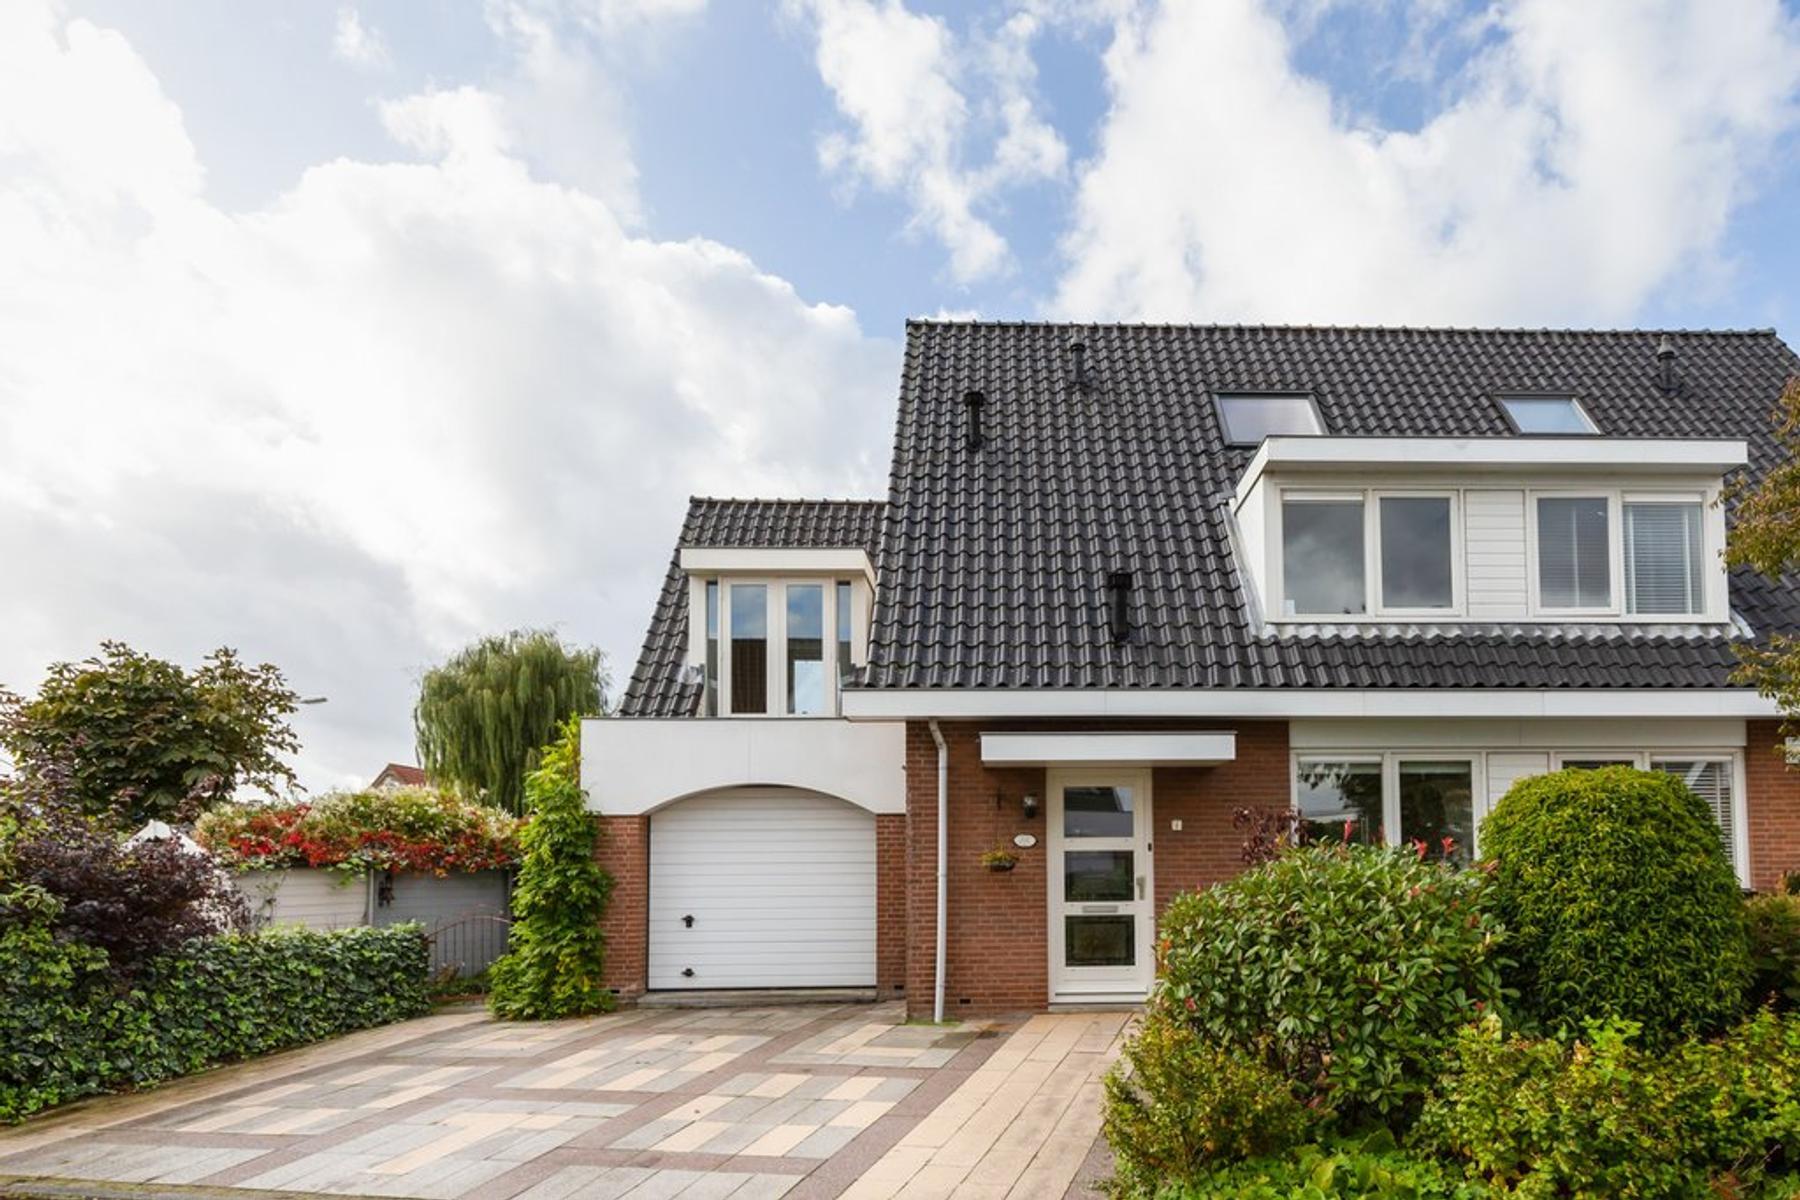 Dr. A. Scheygrondlaan 1 in Reeuwijk 2811 GN